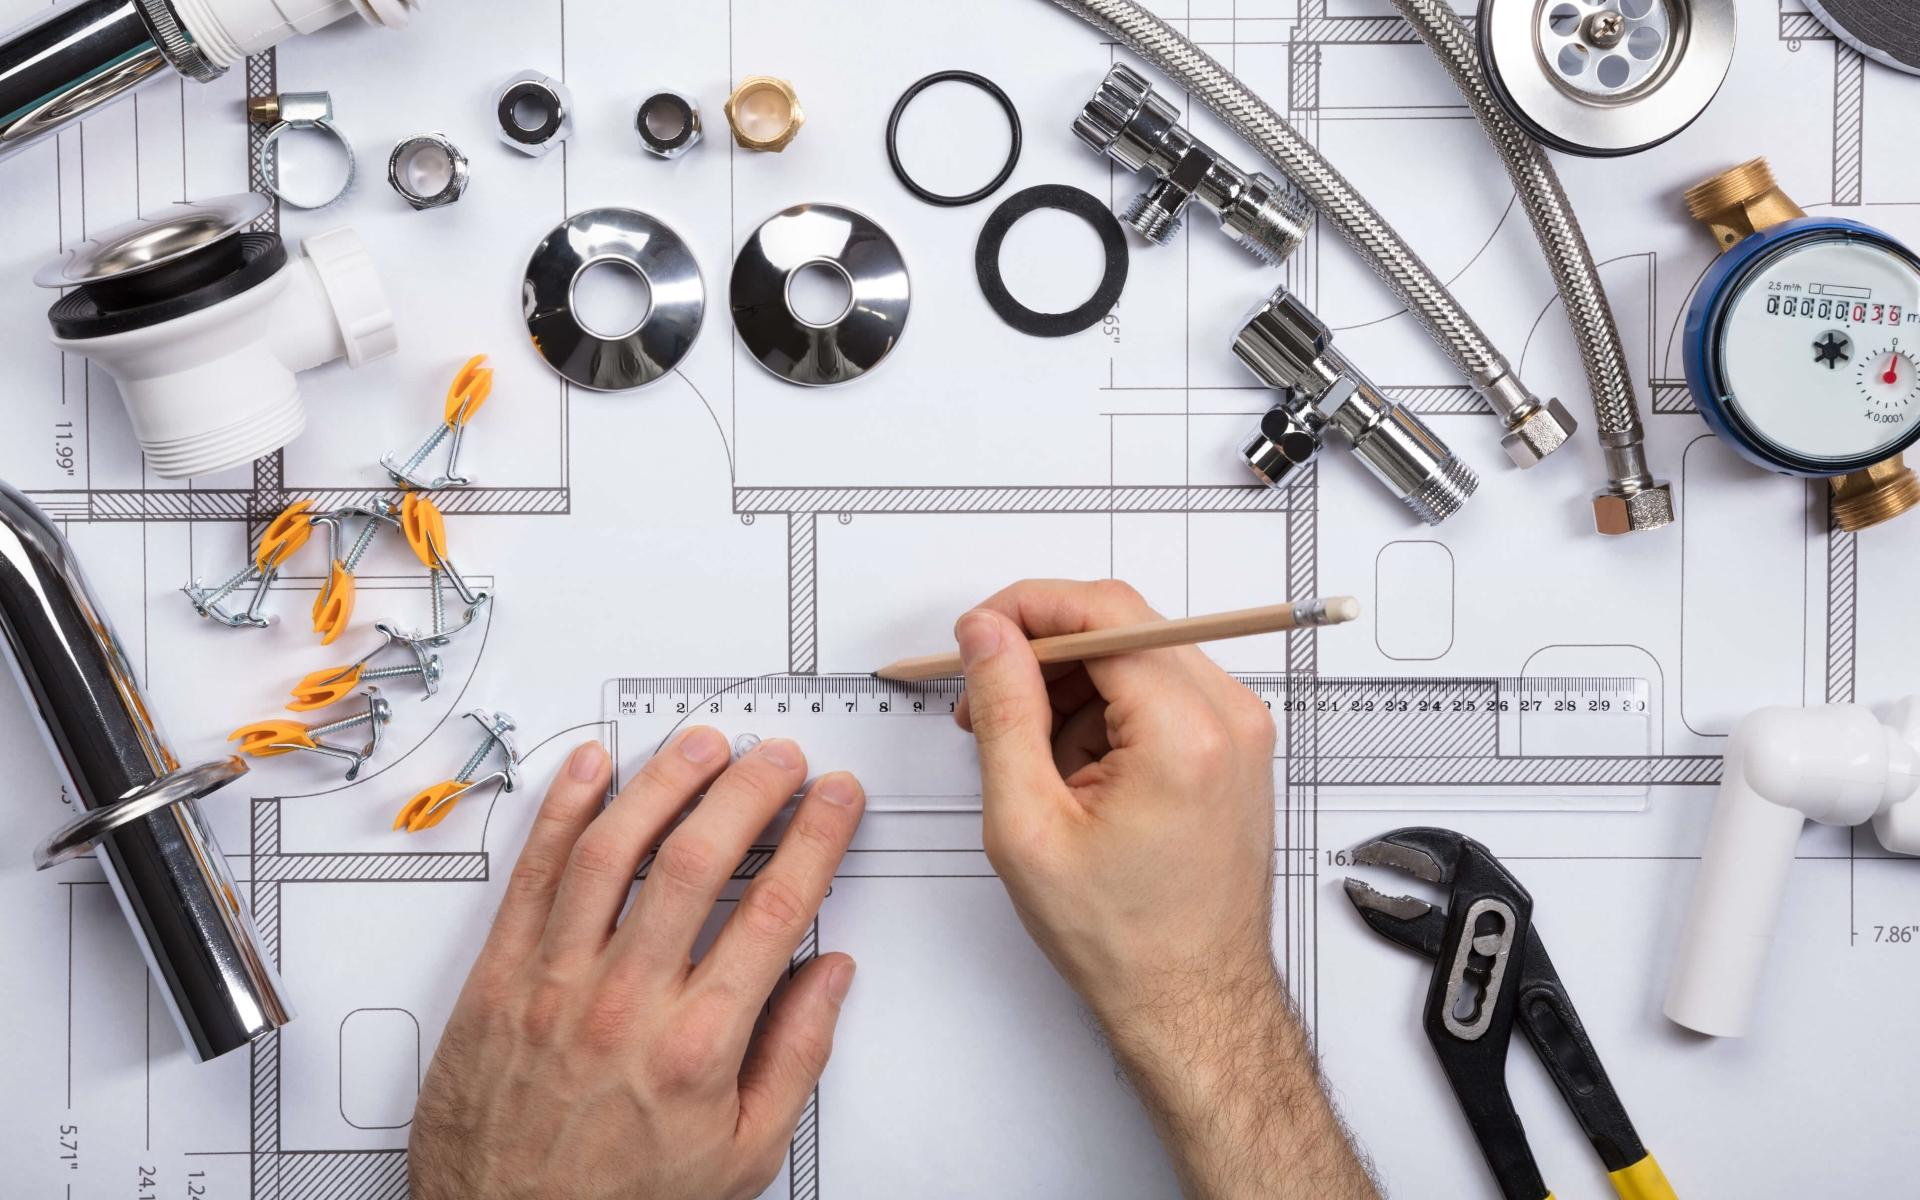 Техническая сторона ремонта: 5 важных правил